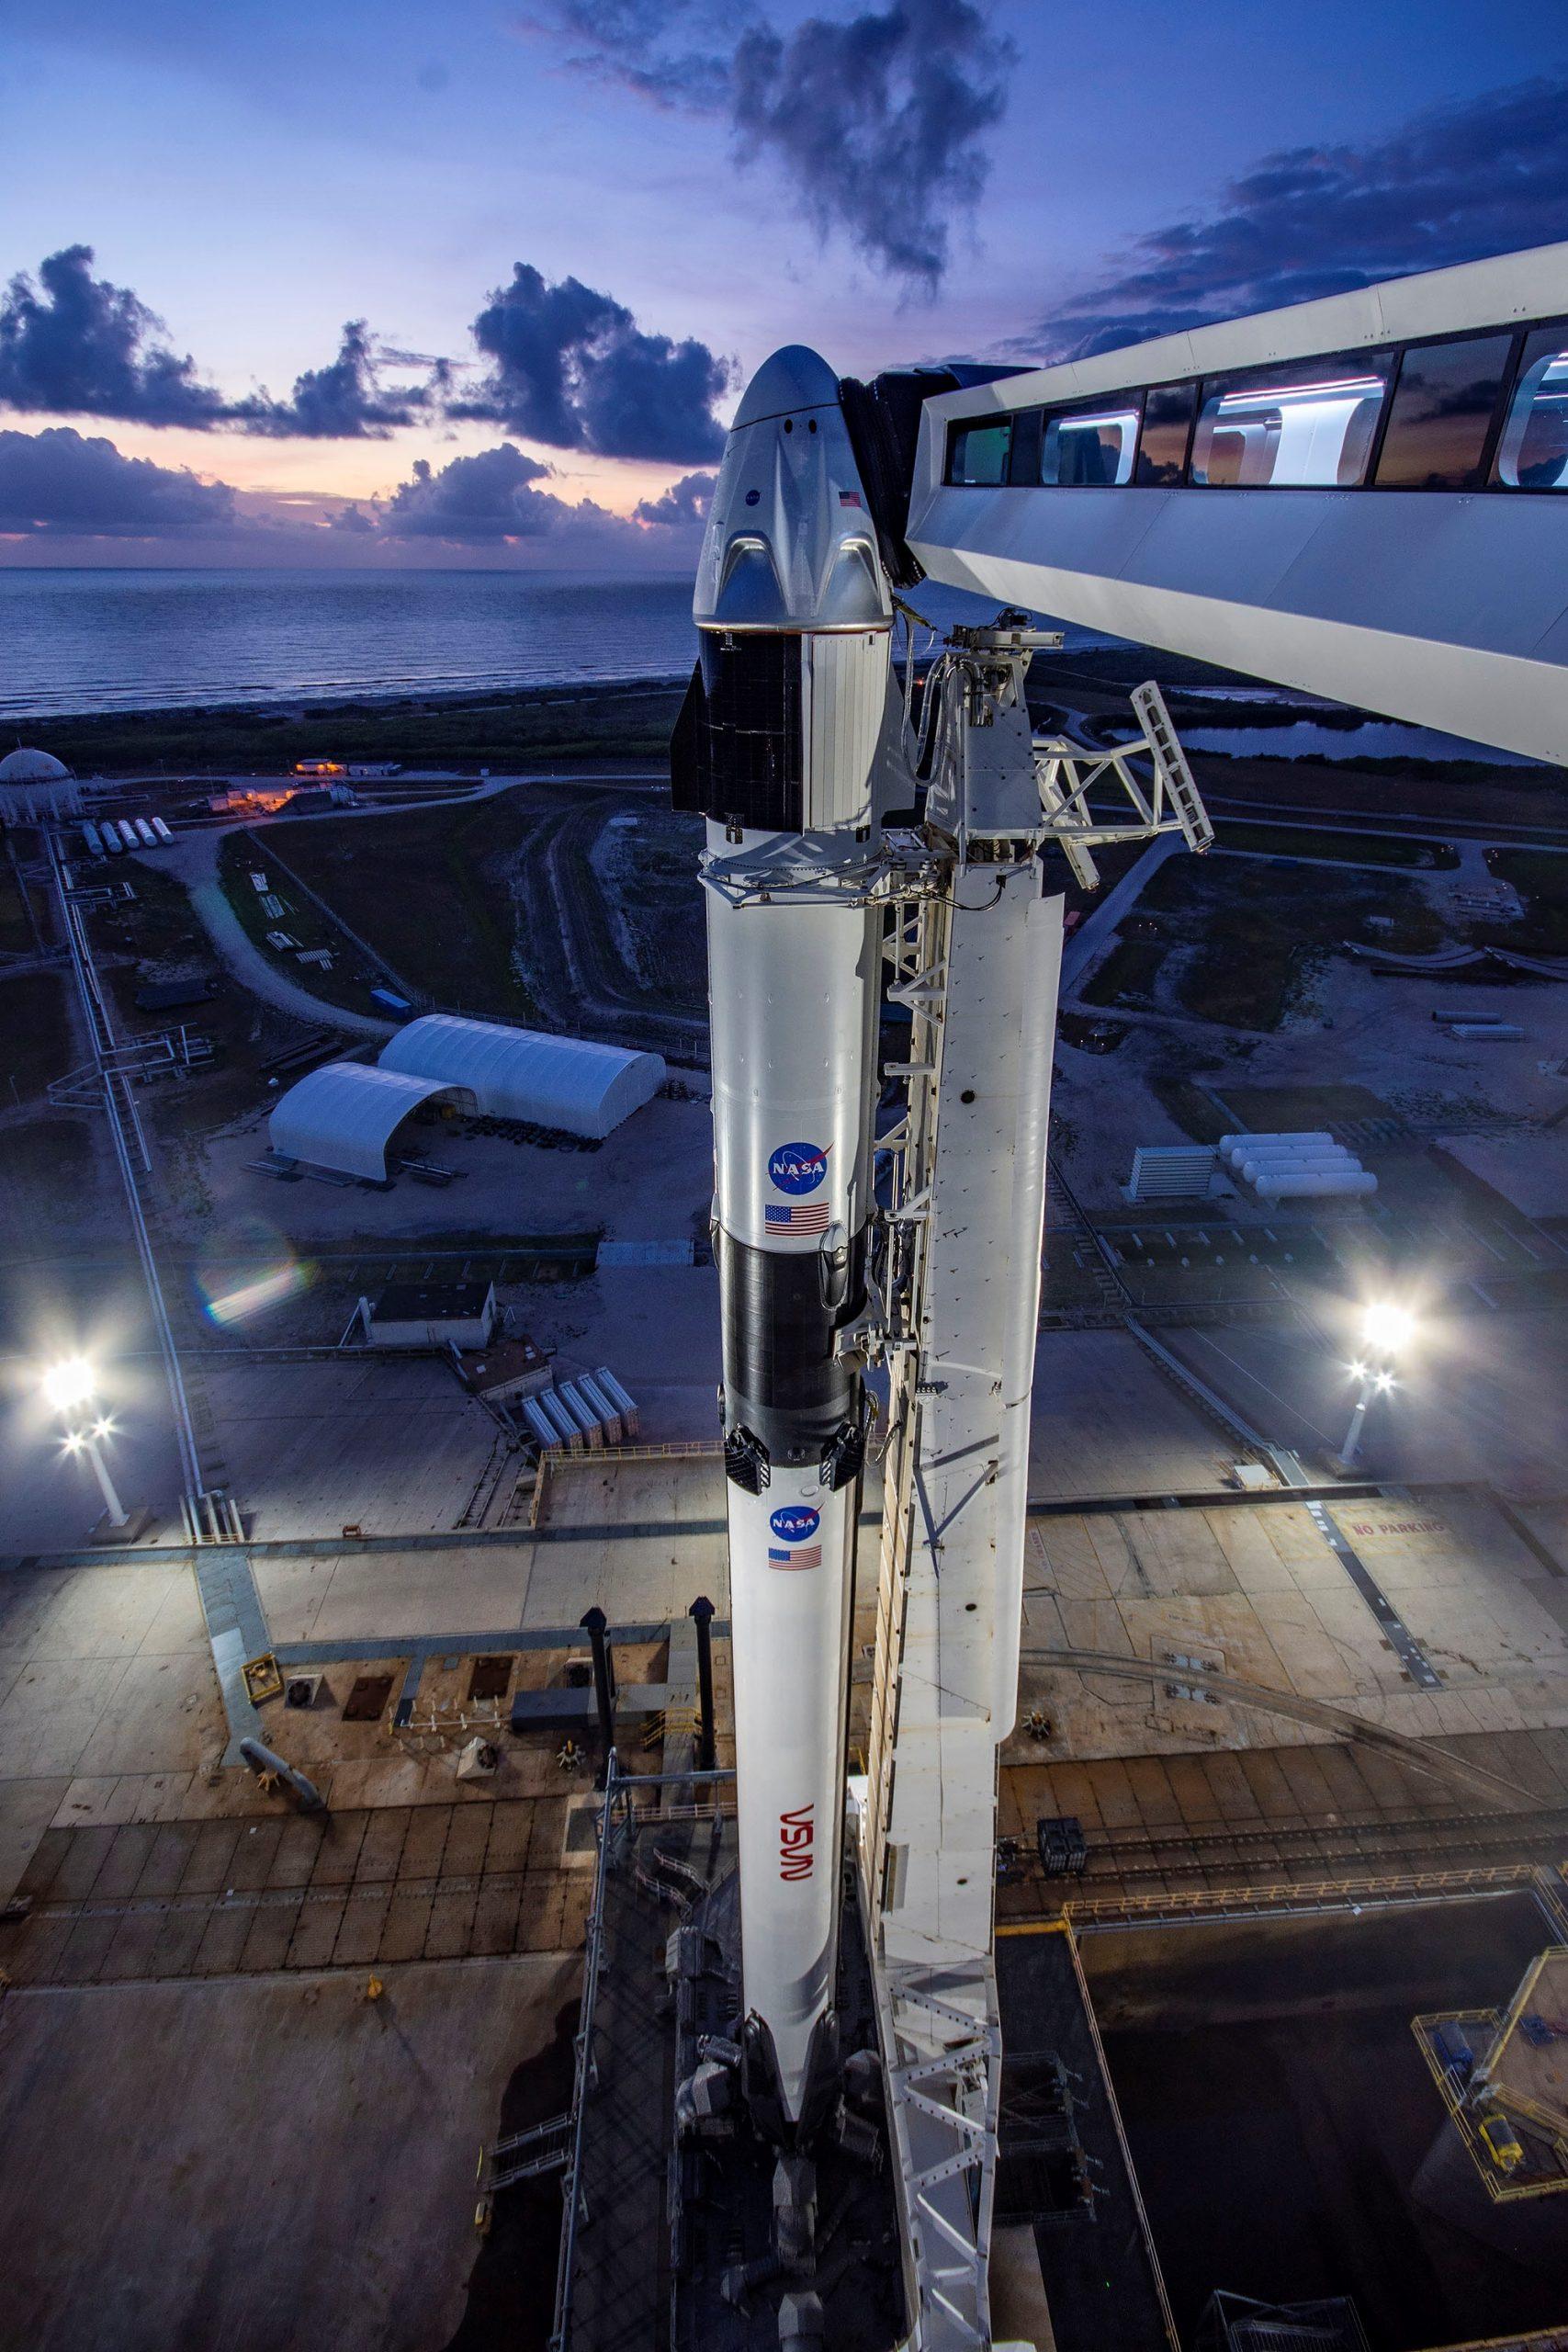 El cohete Falcon 9 de SpaceX que lleva acoplada la cápsula Dragon Crew que transportará a los astronautas Doug Hurley y Bob Behnken de la NASA, en la plataforma 39A del Centro Espacial Kennedy, en Cabo Cañaveral, Florida. Foto de EFE/ SpaceX.